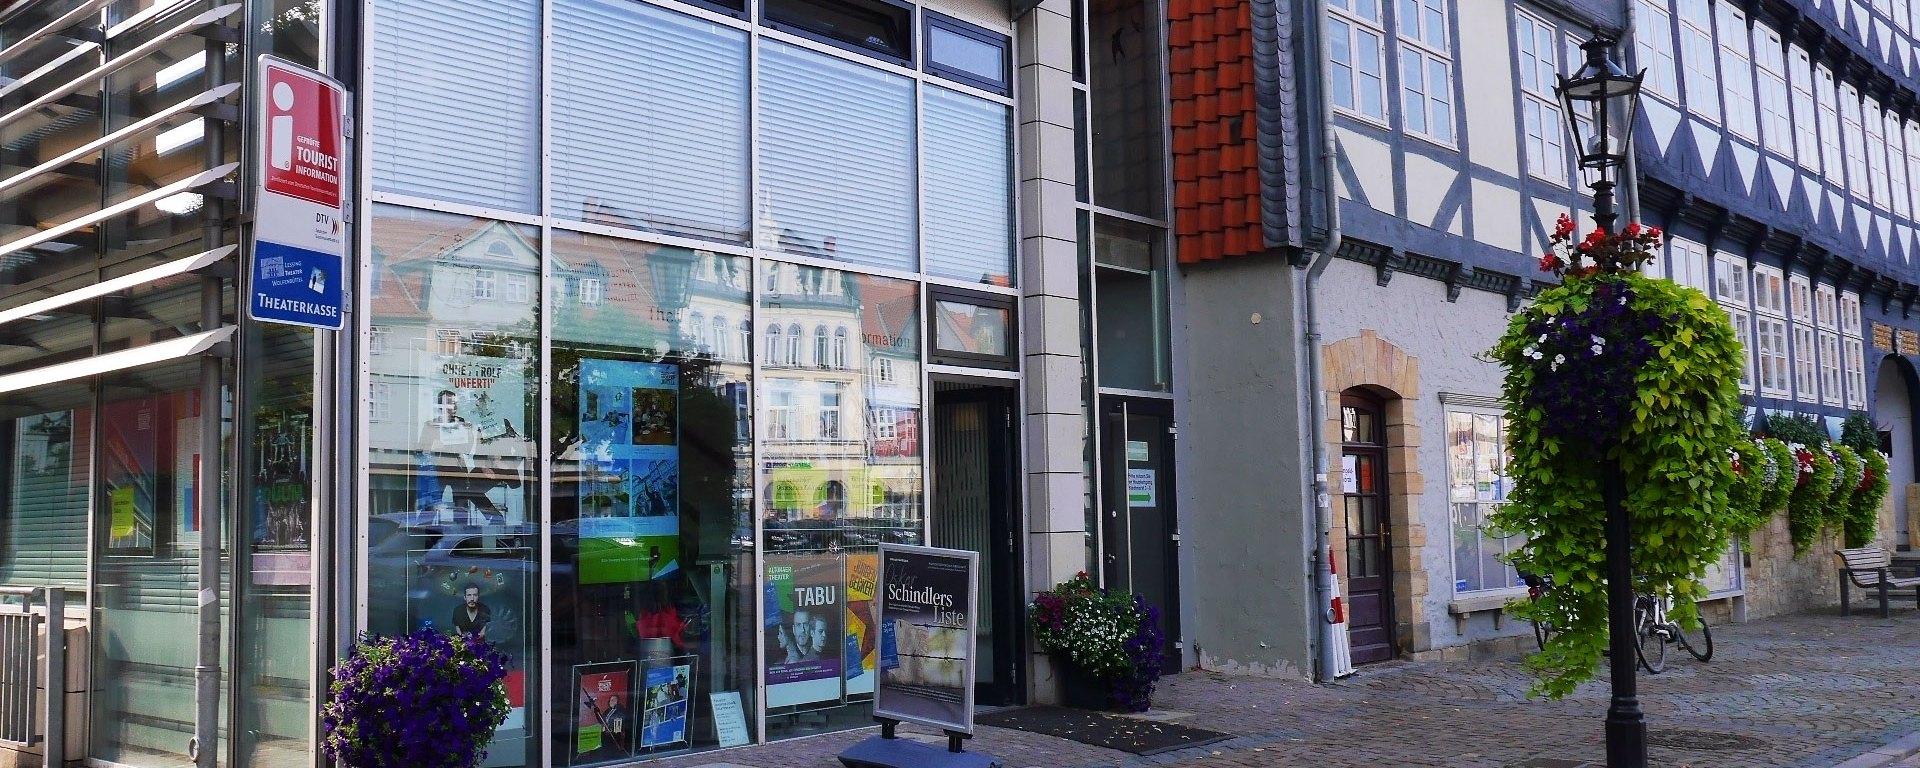 Tourist-Info in Wolfenbüttel Außenansicht